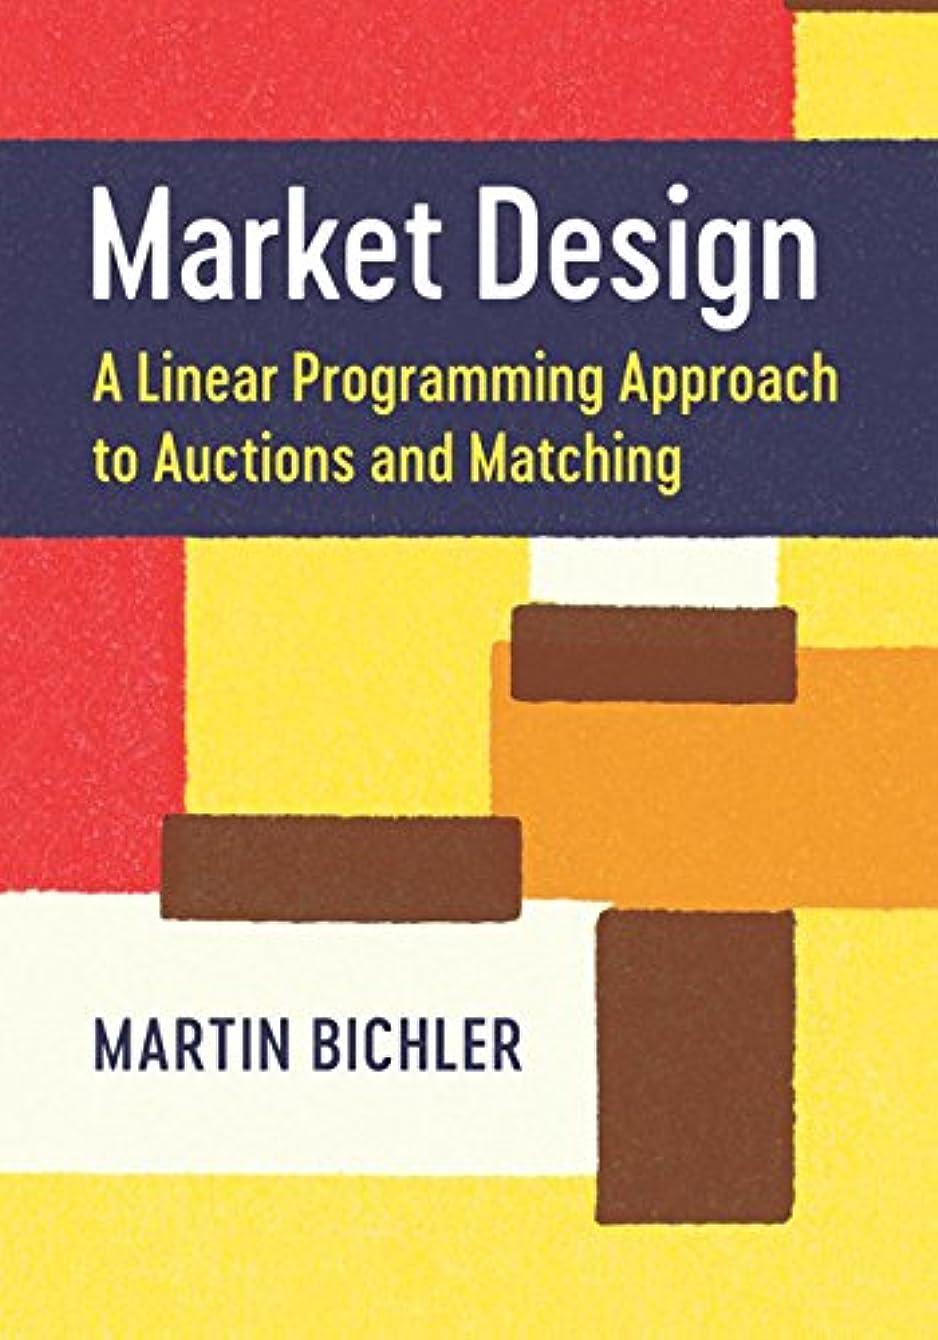 打撃用量満足させるMarket Design: A Linear Programming Approach to Auctions and Matching (English Edition)